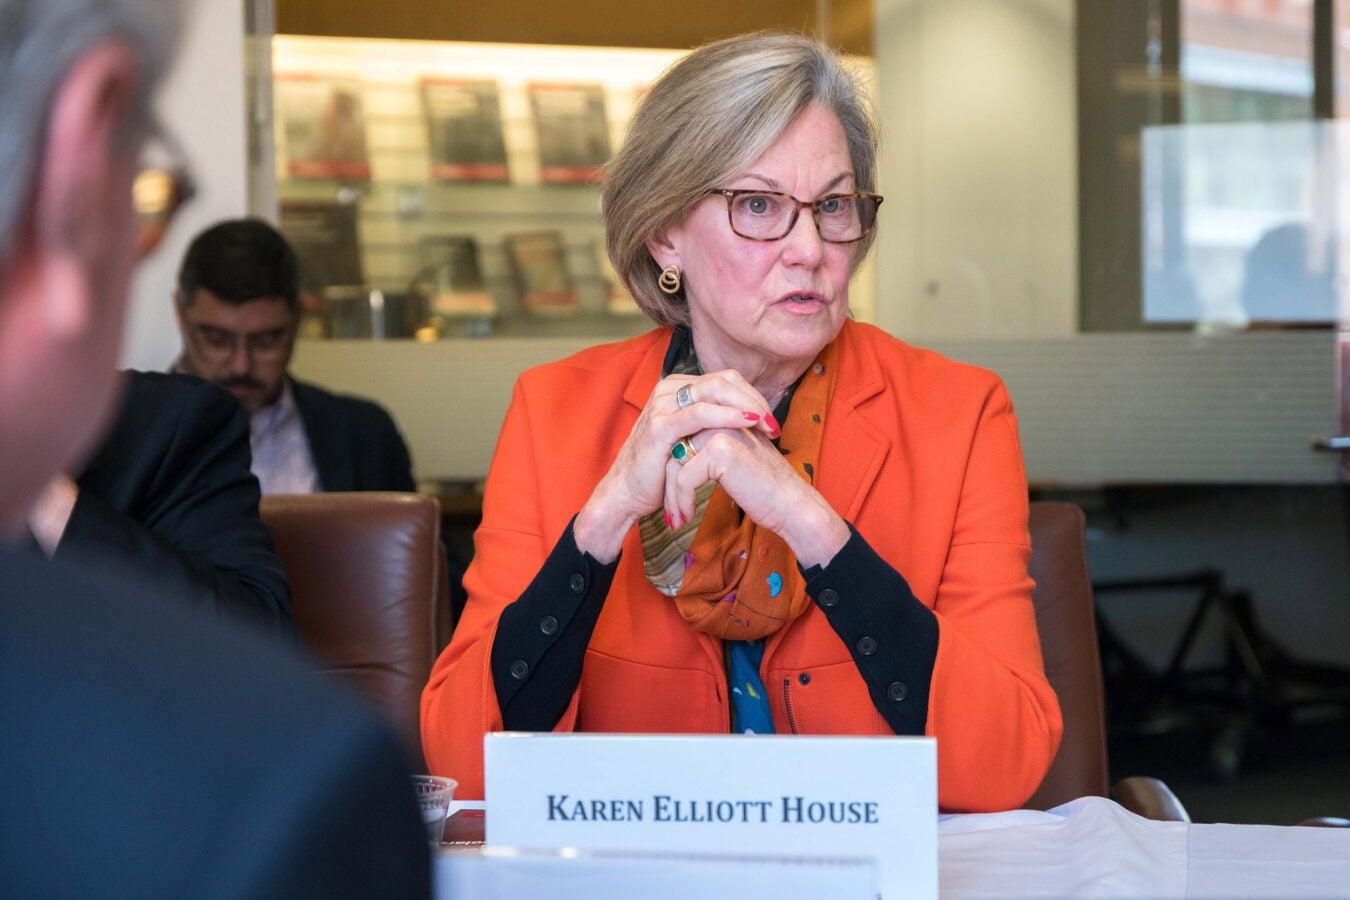 Karen Elliott House.